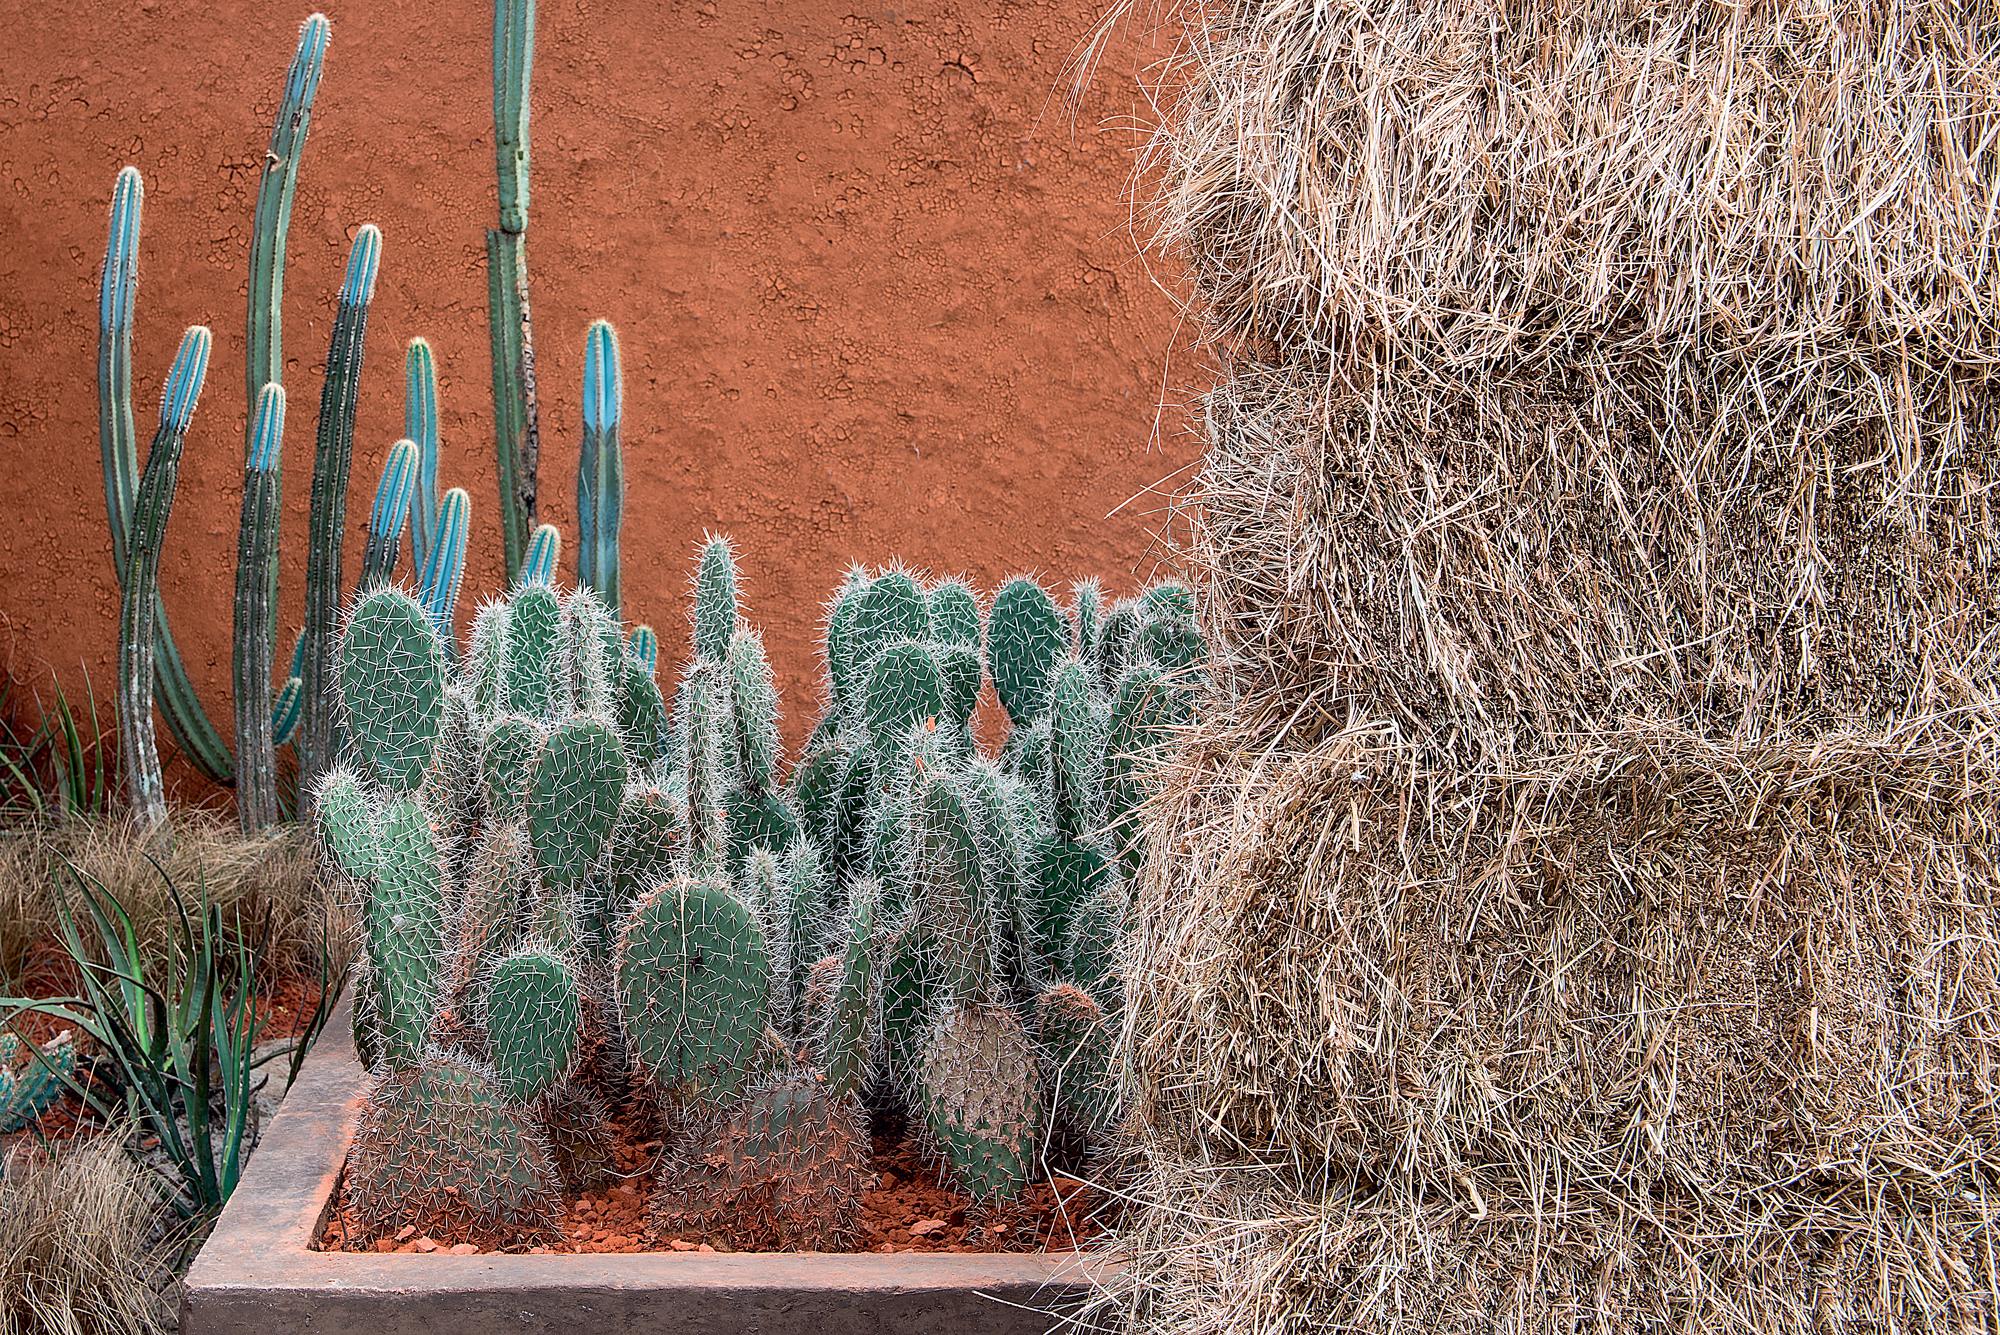 O paisagista Daniel Nunes homenageia a caatinga em uma paisagem árida e peculiar em seu Jardim Kariri para a CASACOR São Paulo. Cactos verdes e azuis foram pontuados de forma a traduzir esta essência de cheios e vazios da caatinga.